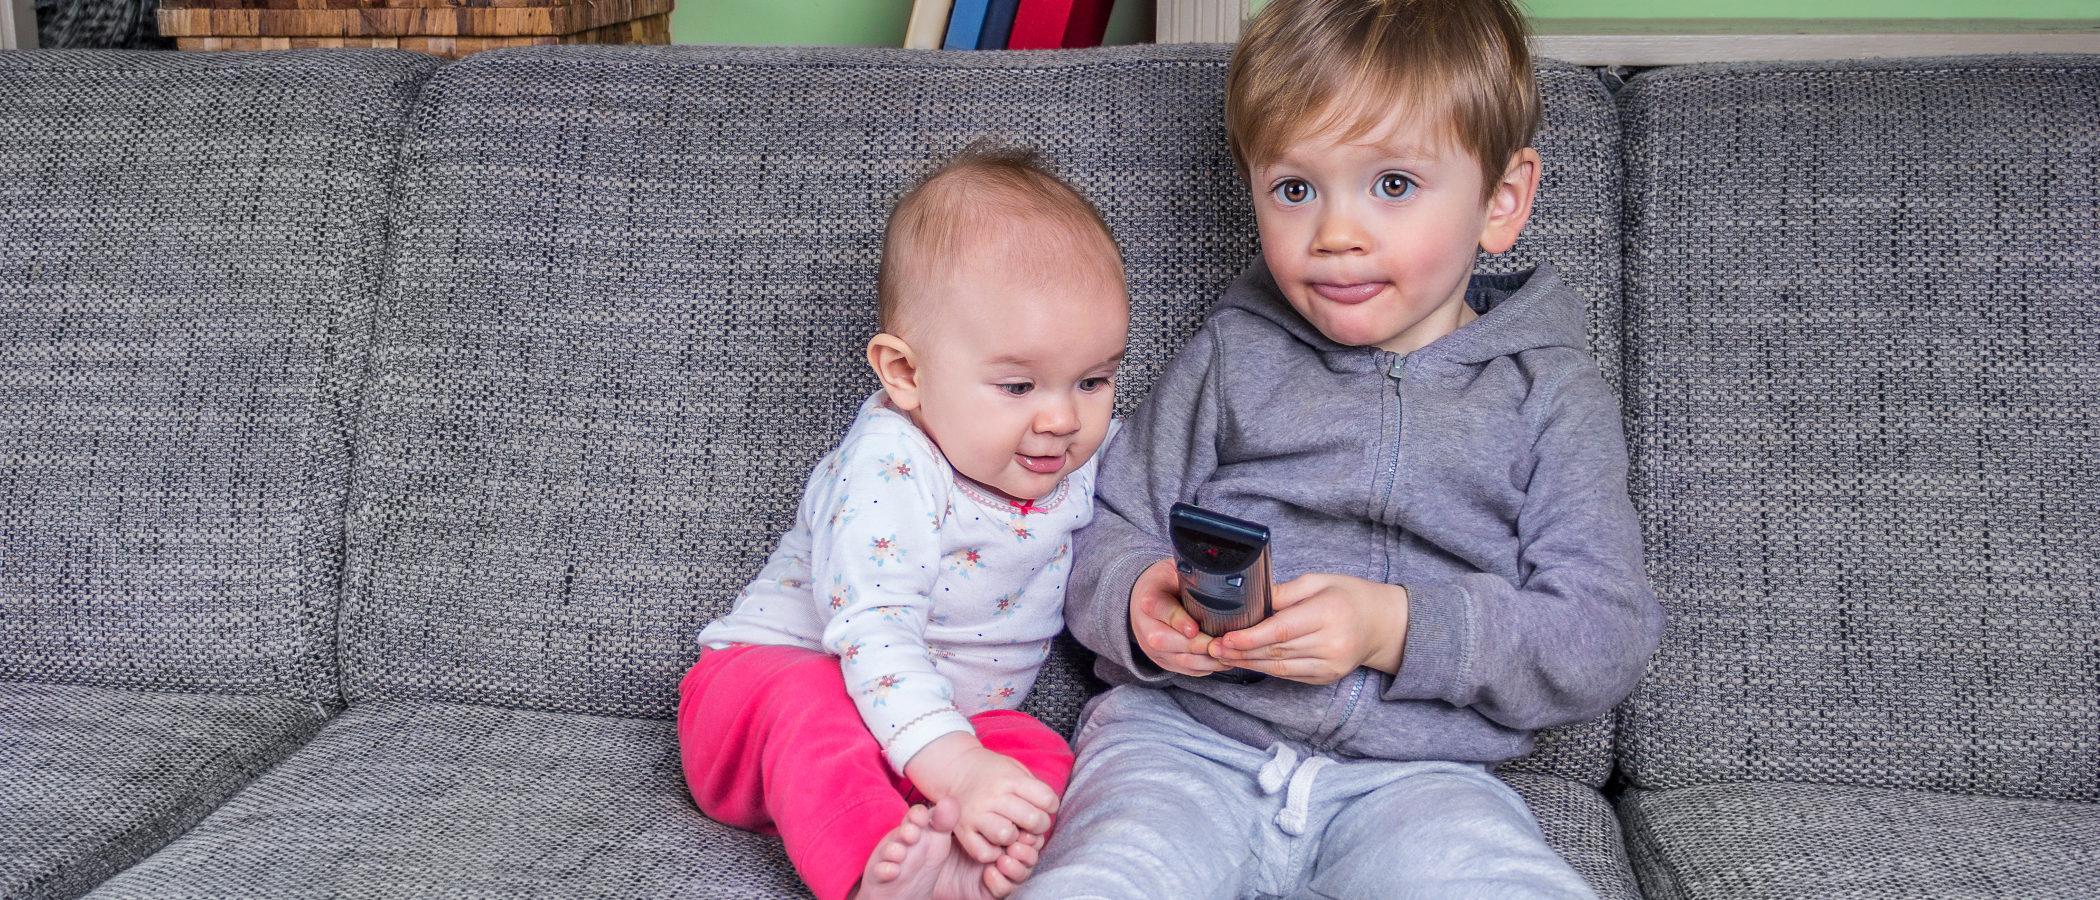 Los vídeos Baby Einstein para tener niños más inteligentes, ¿funcionan?